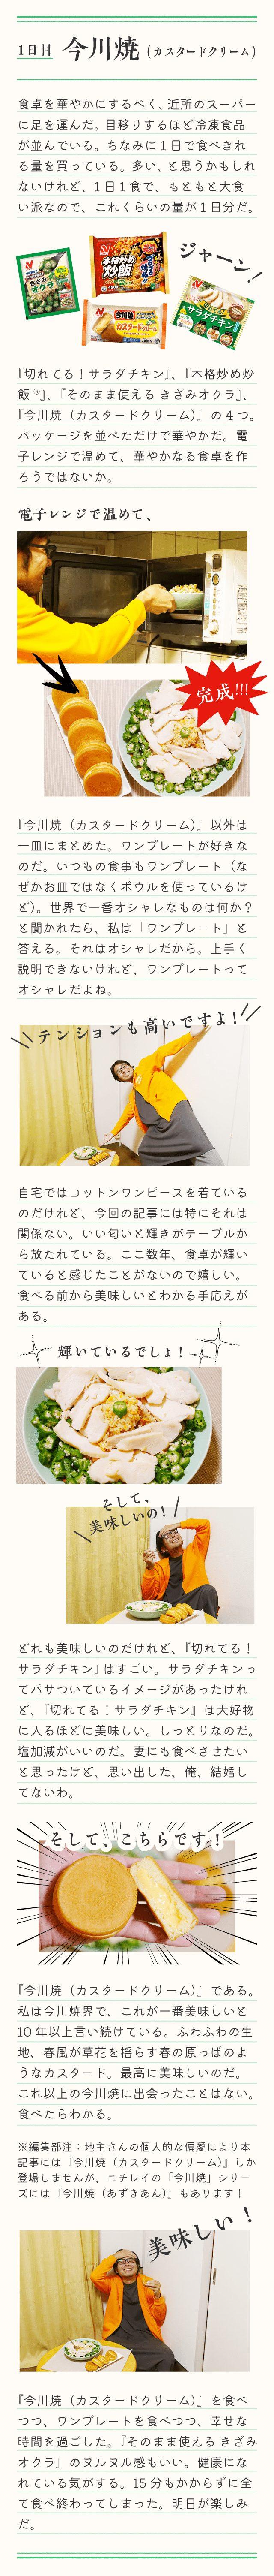 冷凍食品生活1日目